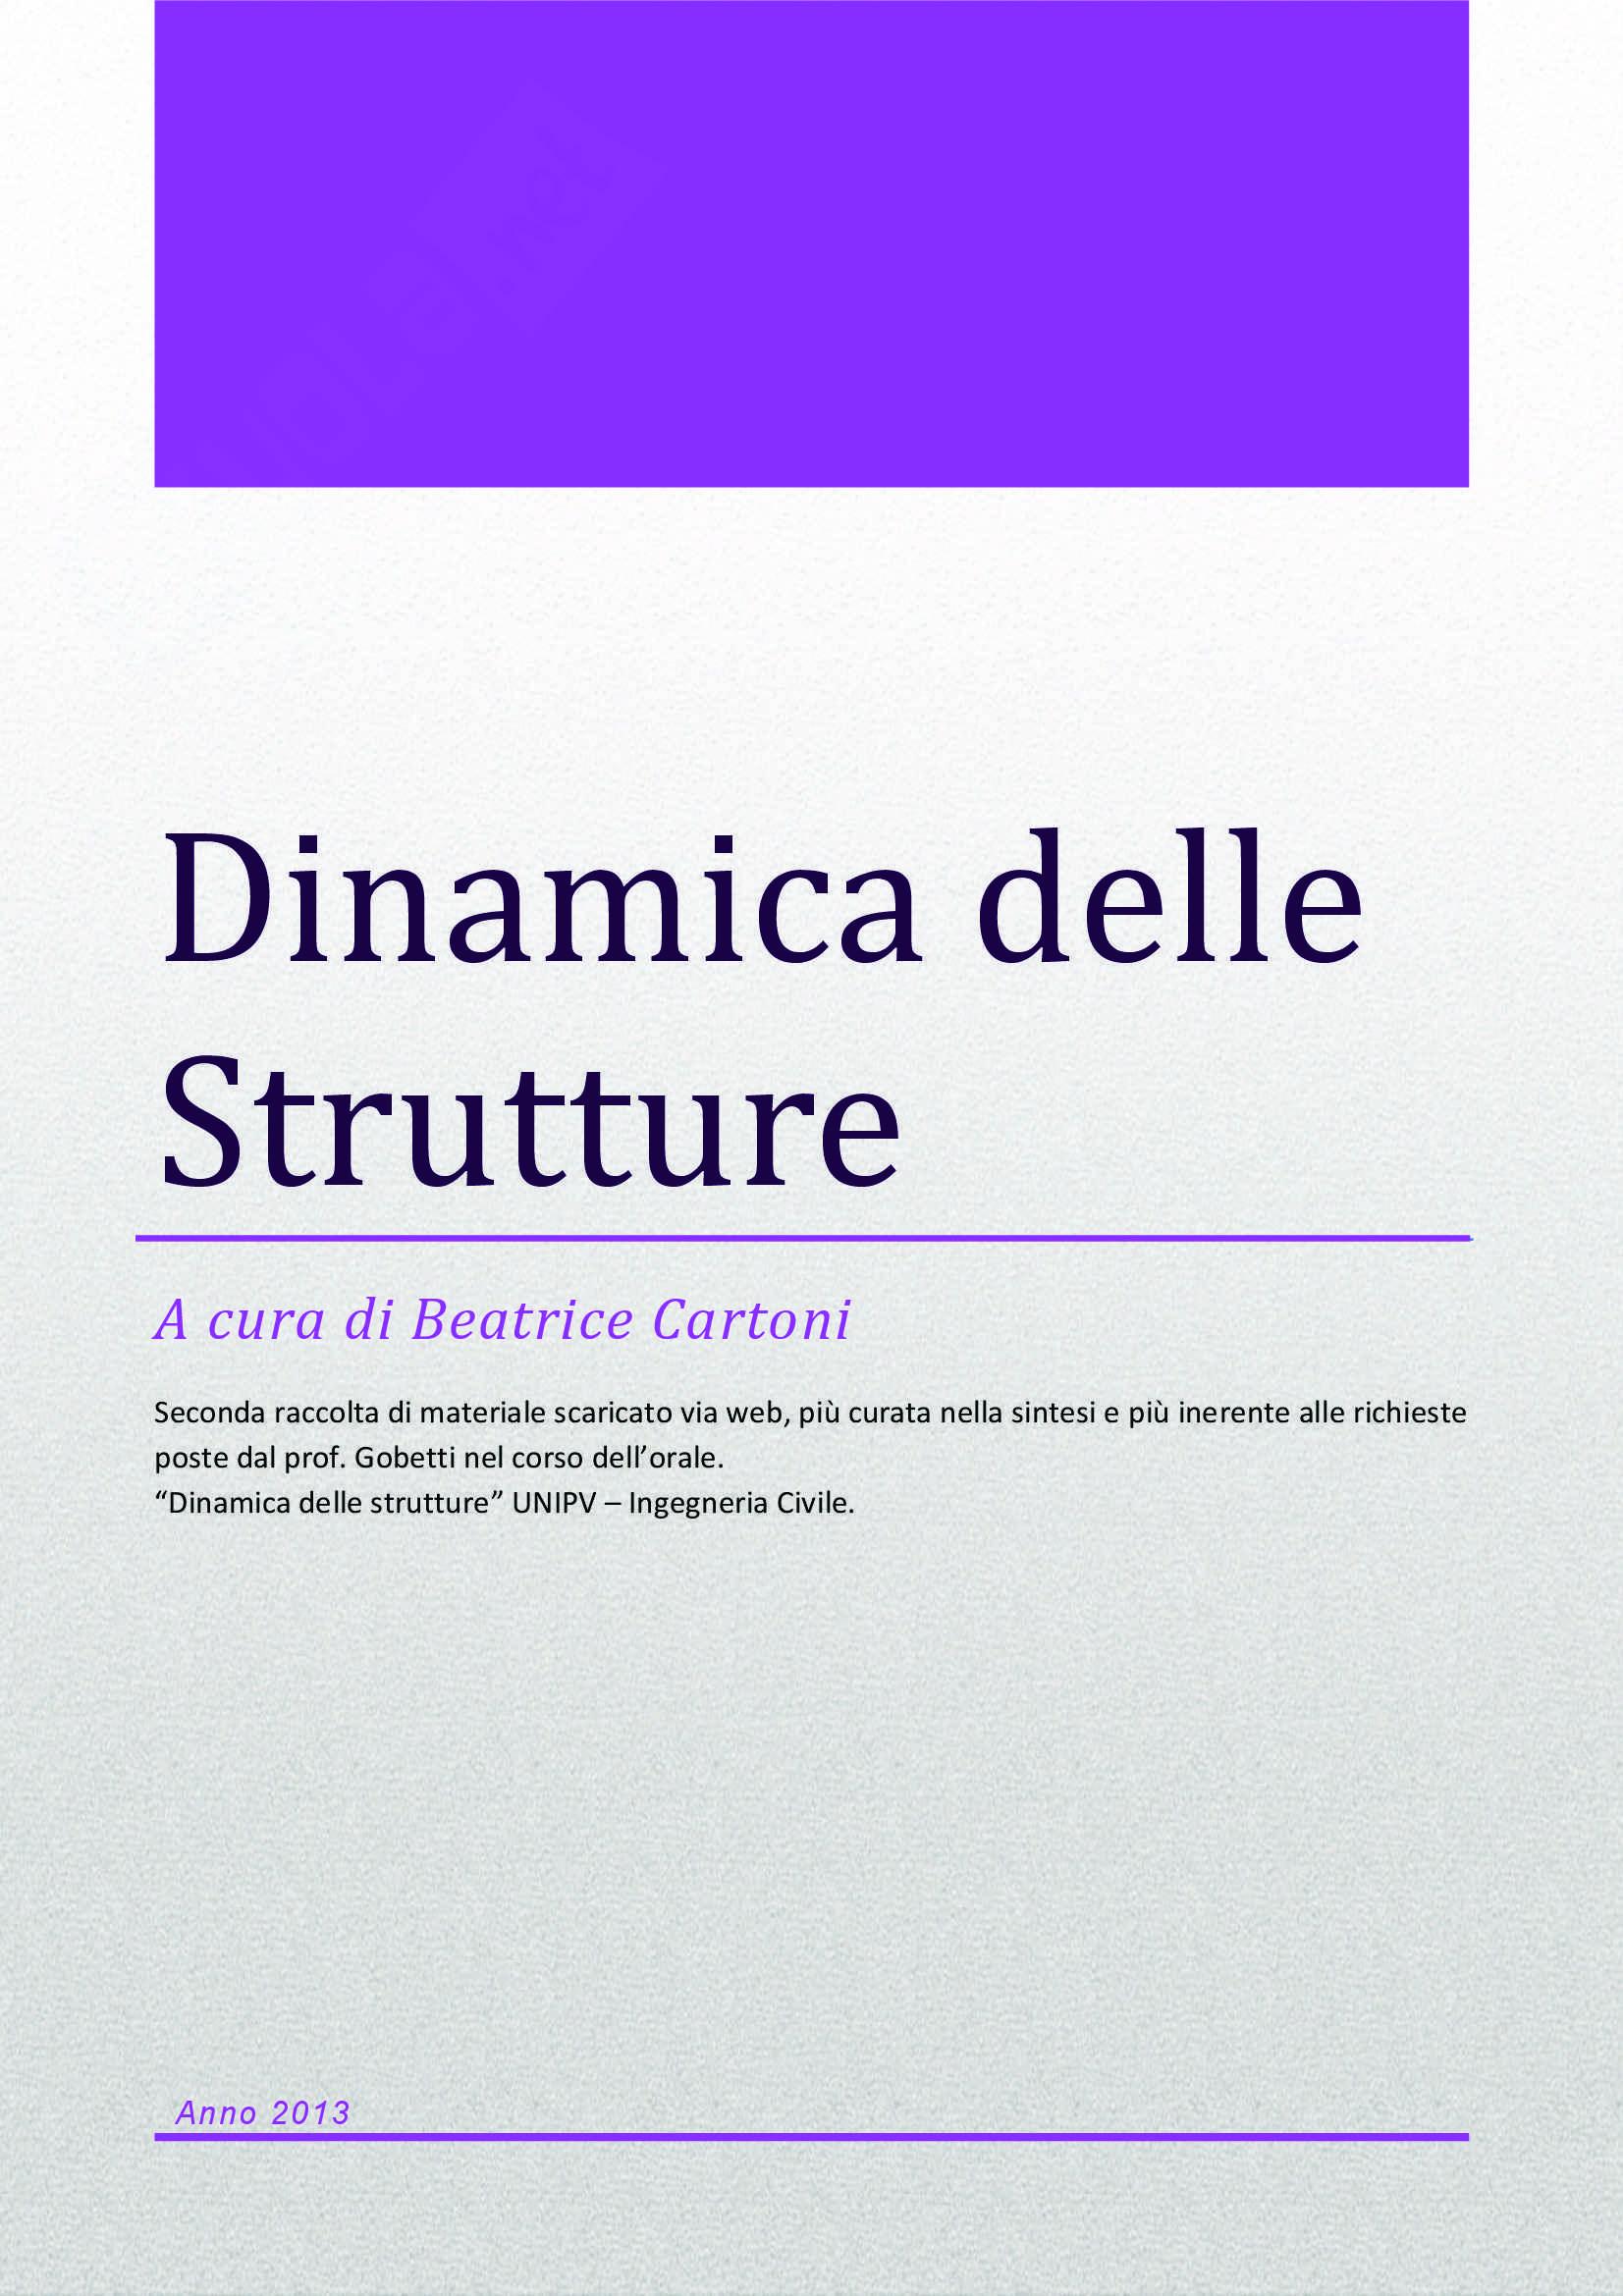 Dinamica delle strutture - Appunti